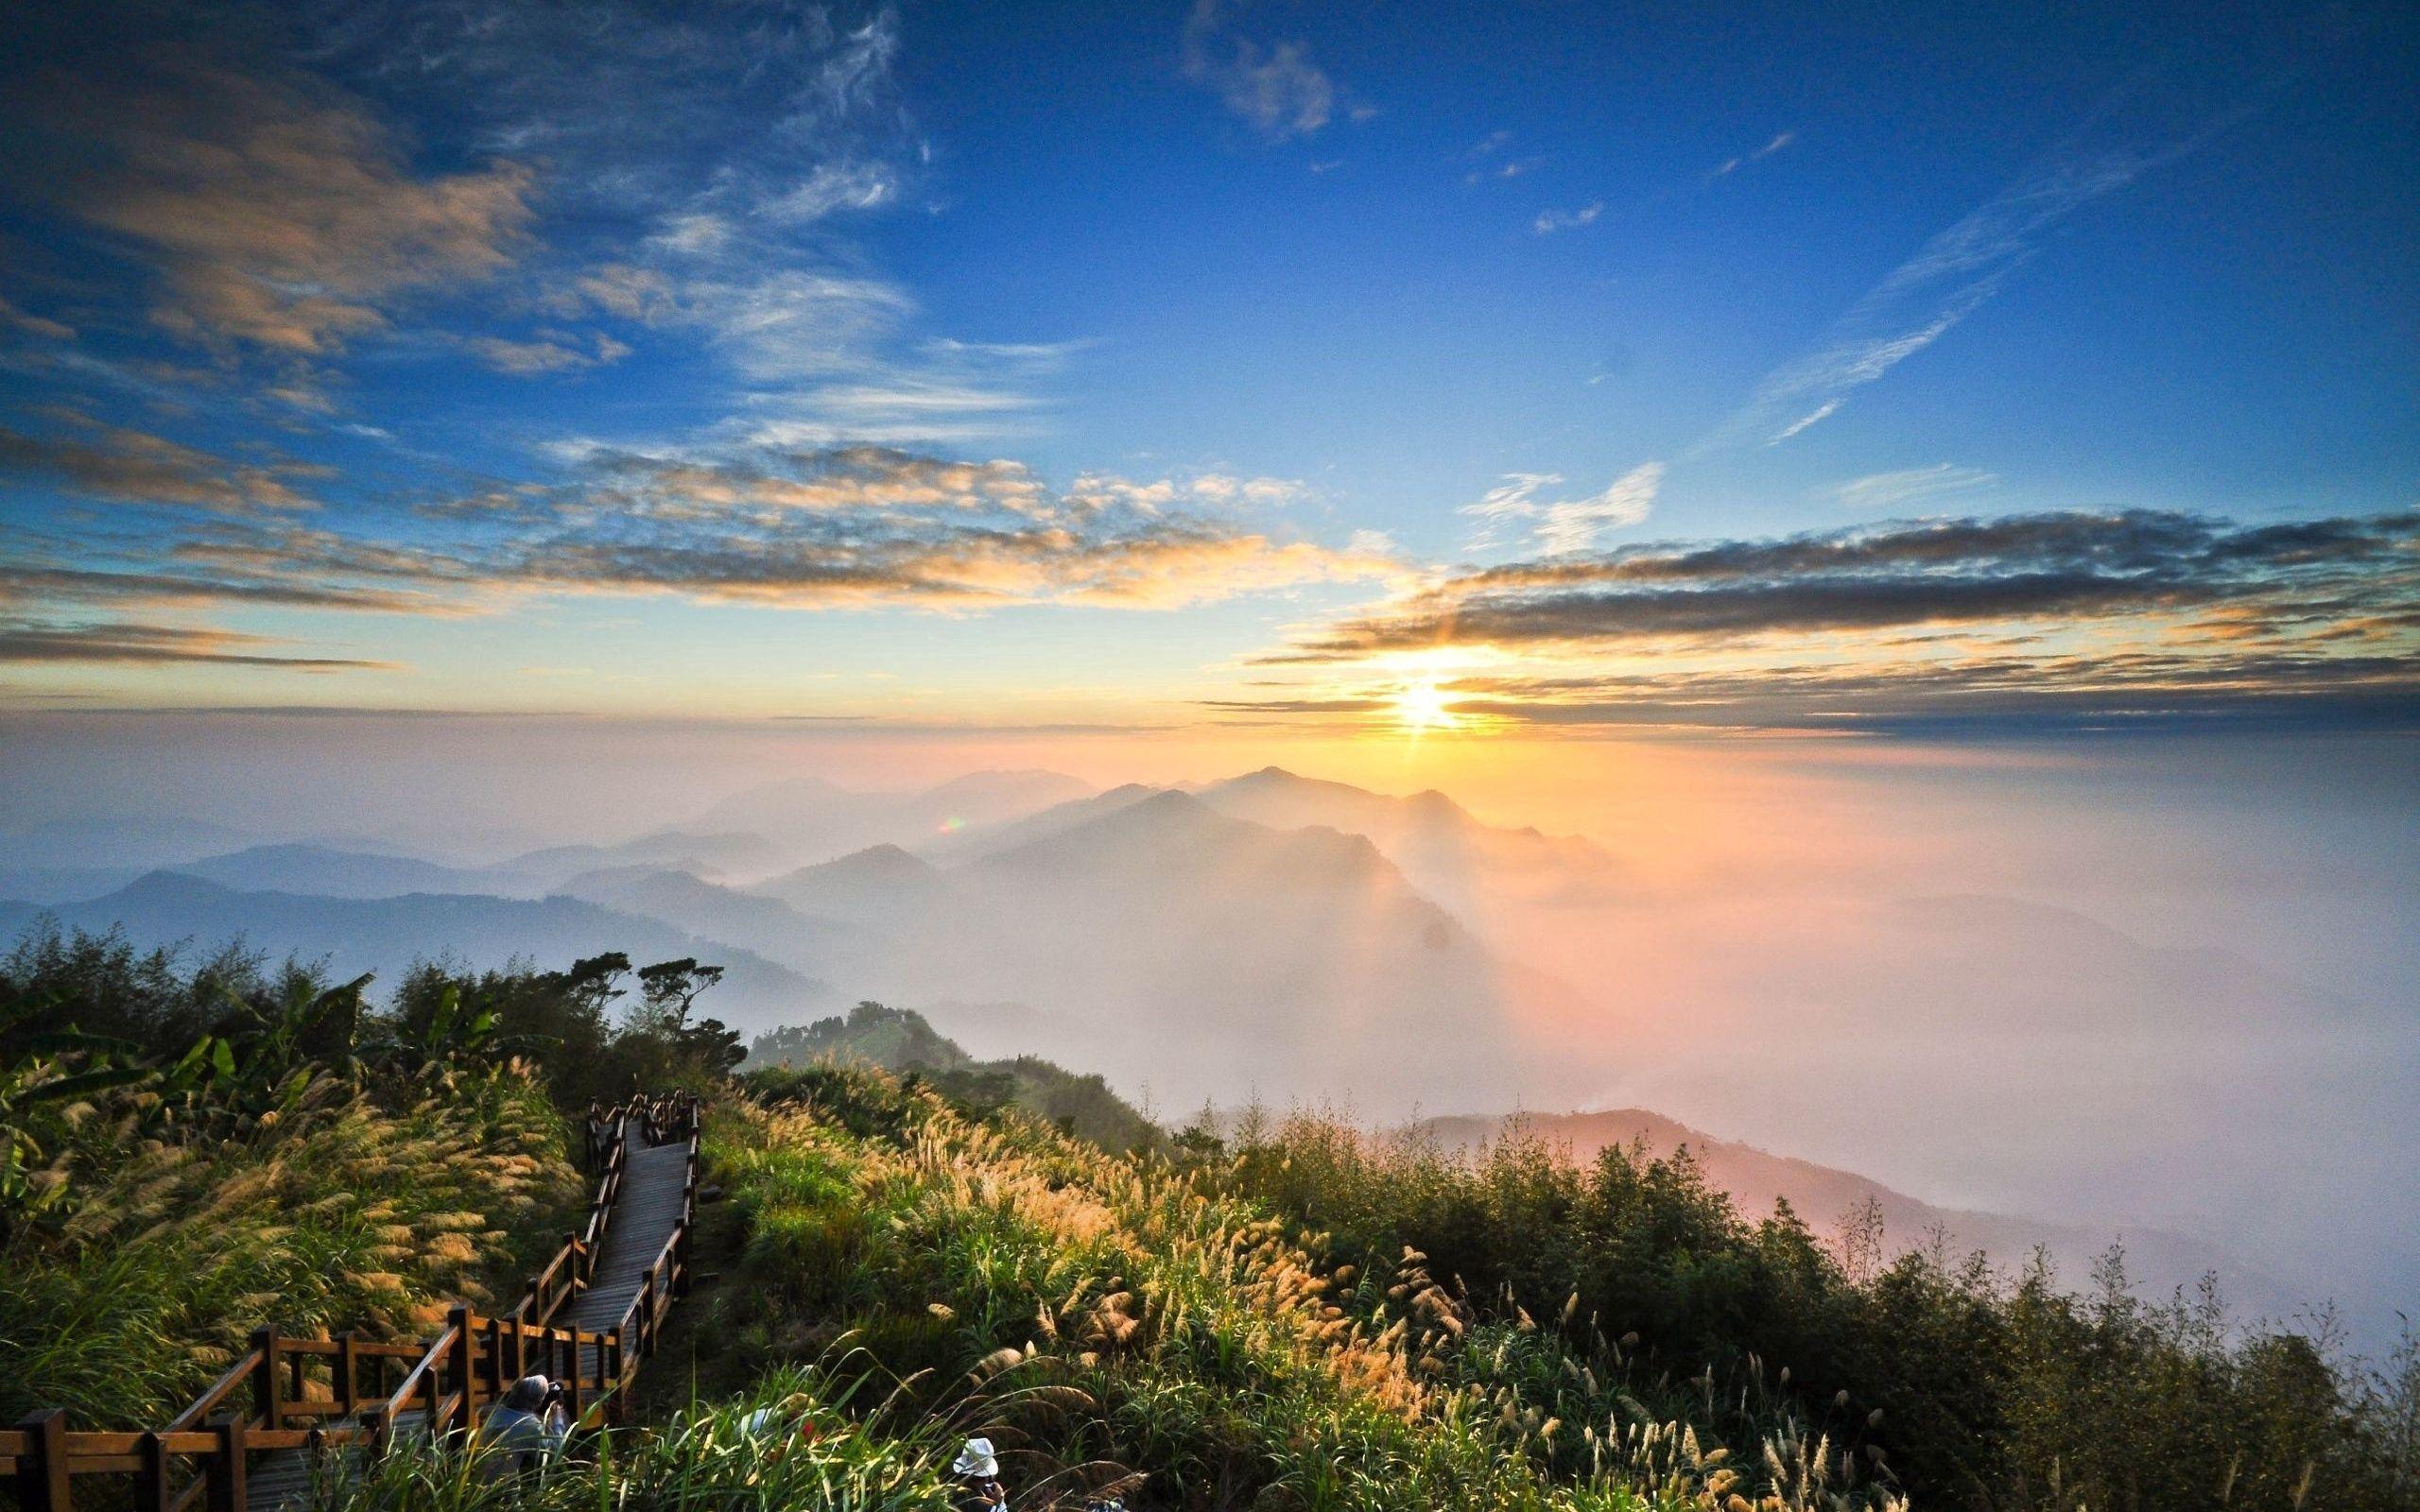 86101 скачать обои Природа, Высота, Вид, Свет, Облака, Дорожка, Туристы, Горы, Солнце - заставки и картинки бесплатно